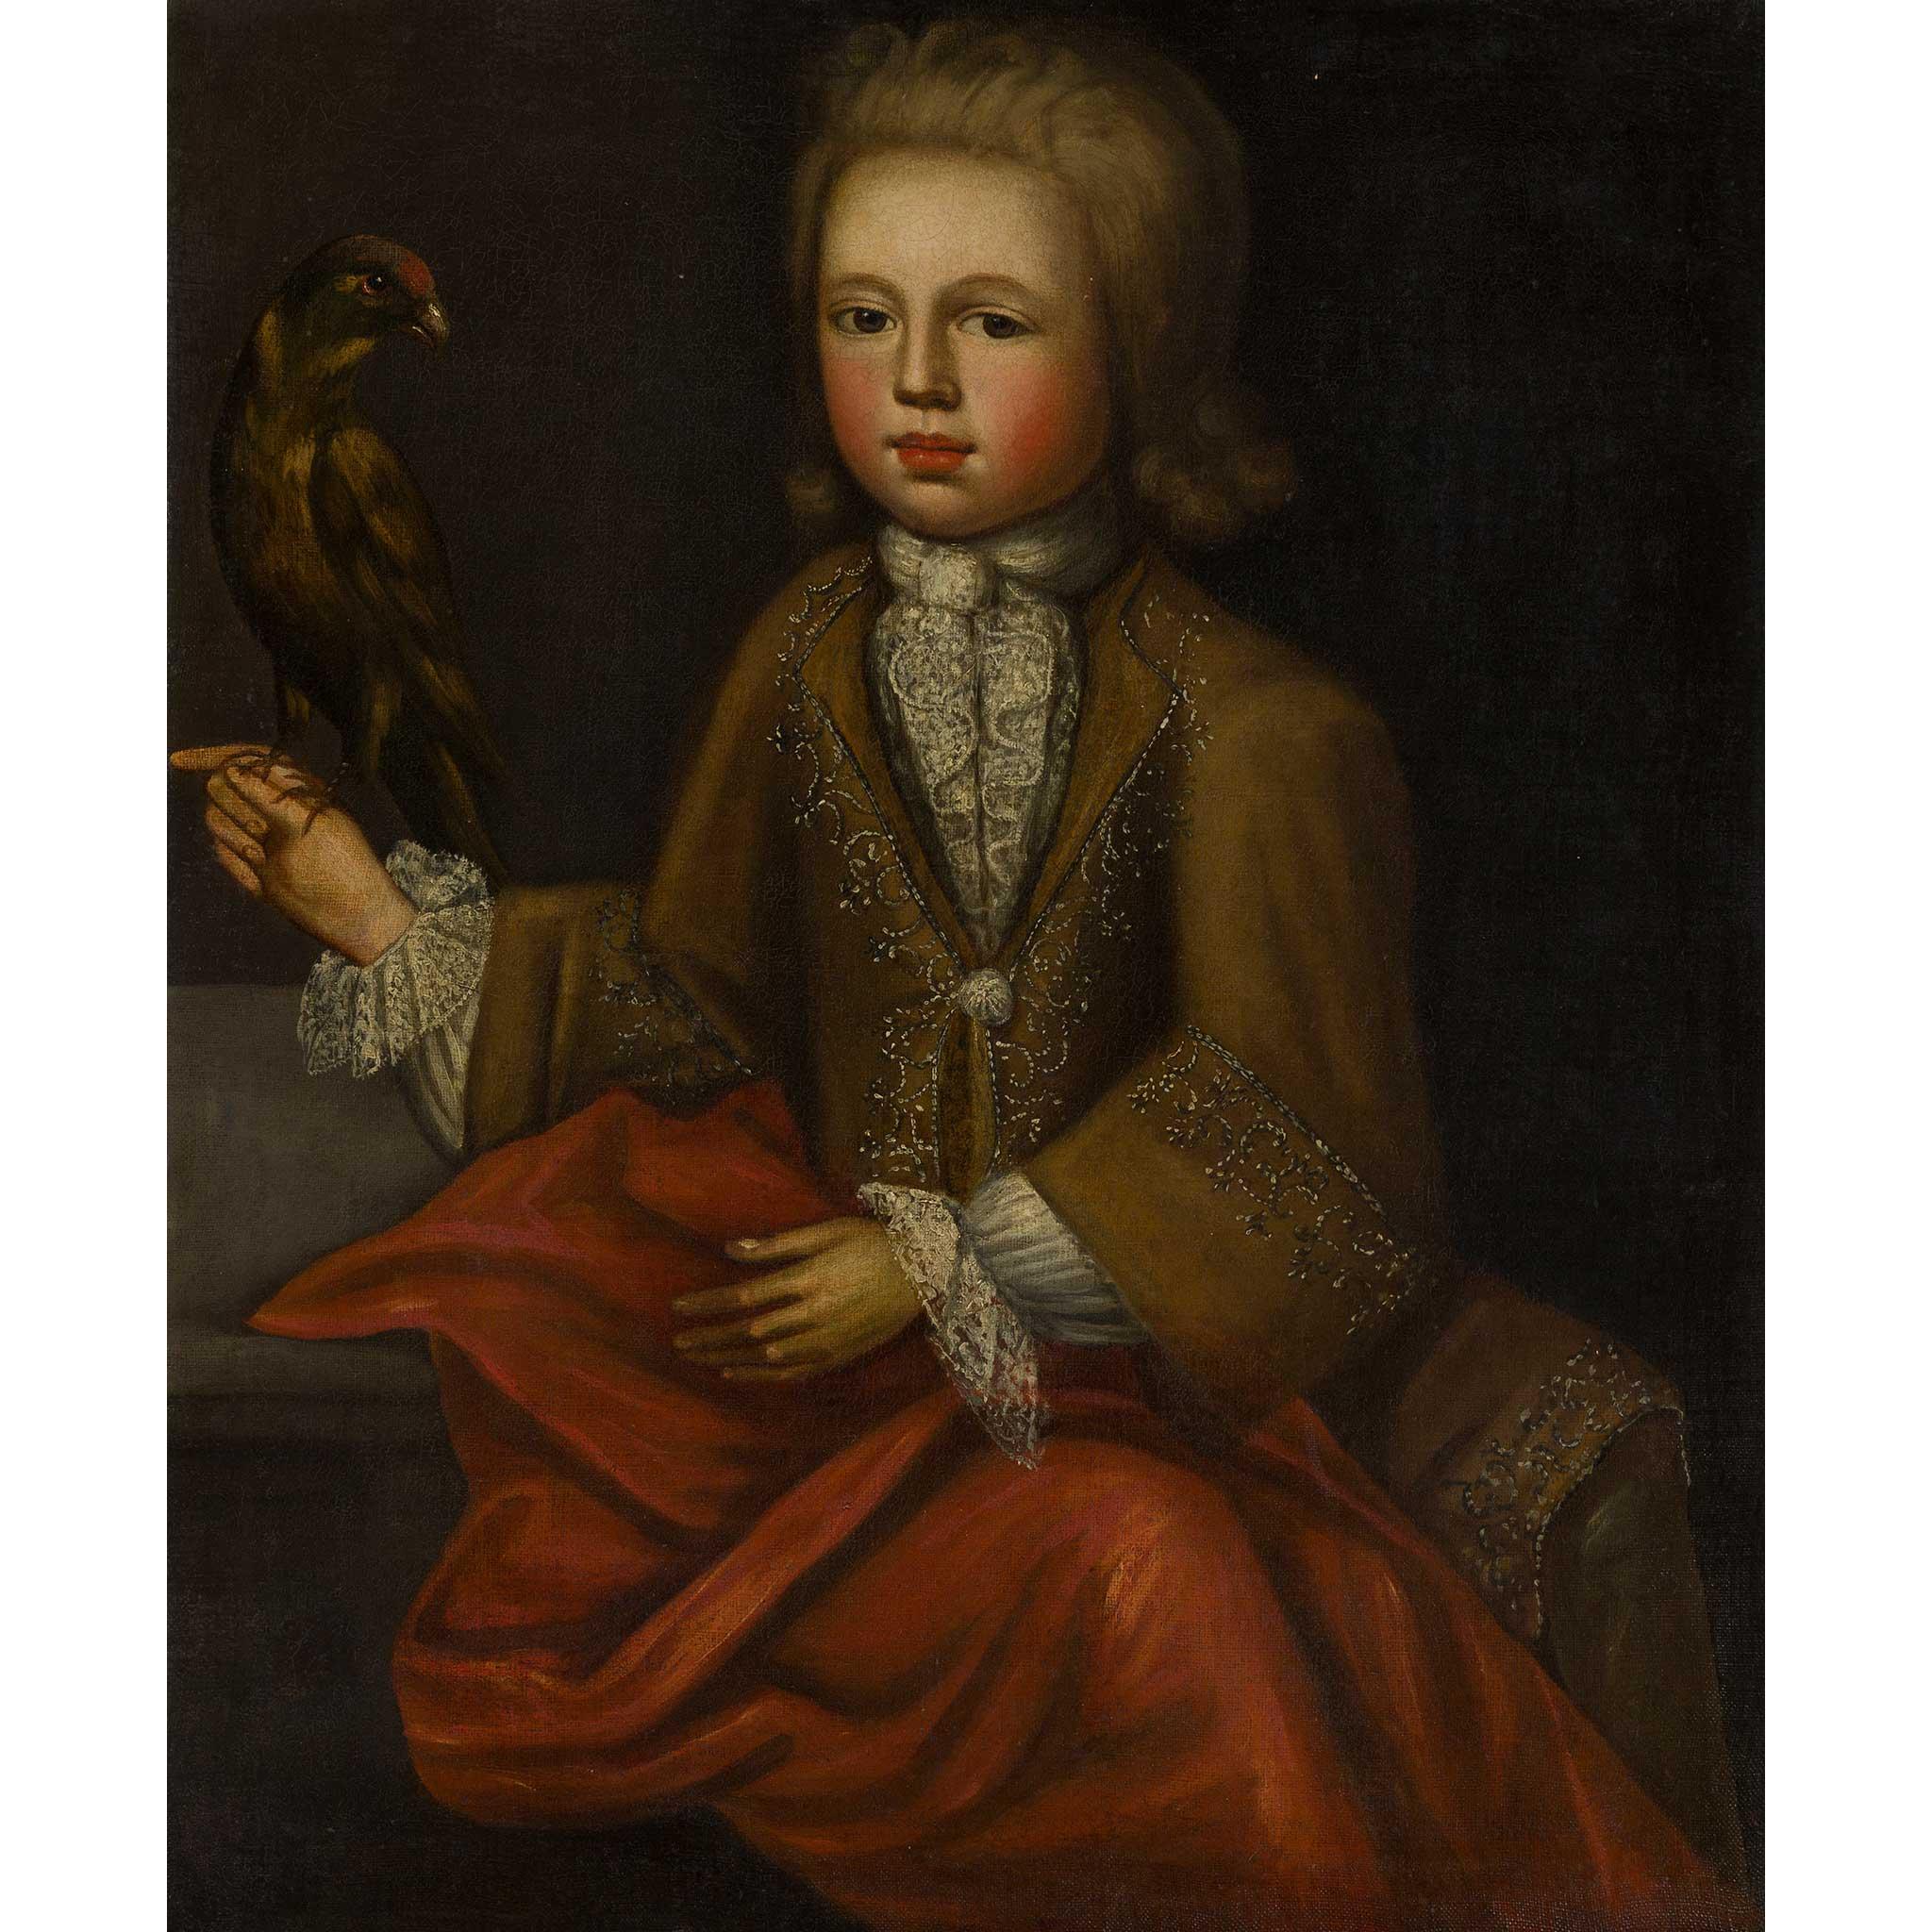 18TH CENTURY ENGLISH SCHOOL HALF LENGTH PORTRAIT OF A BOY WITH A BIRD